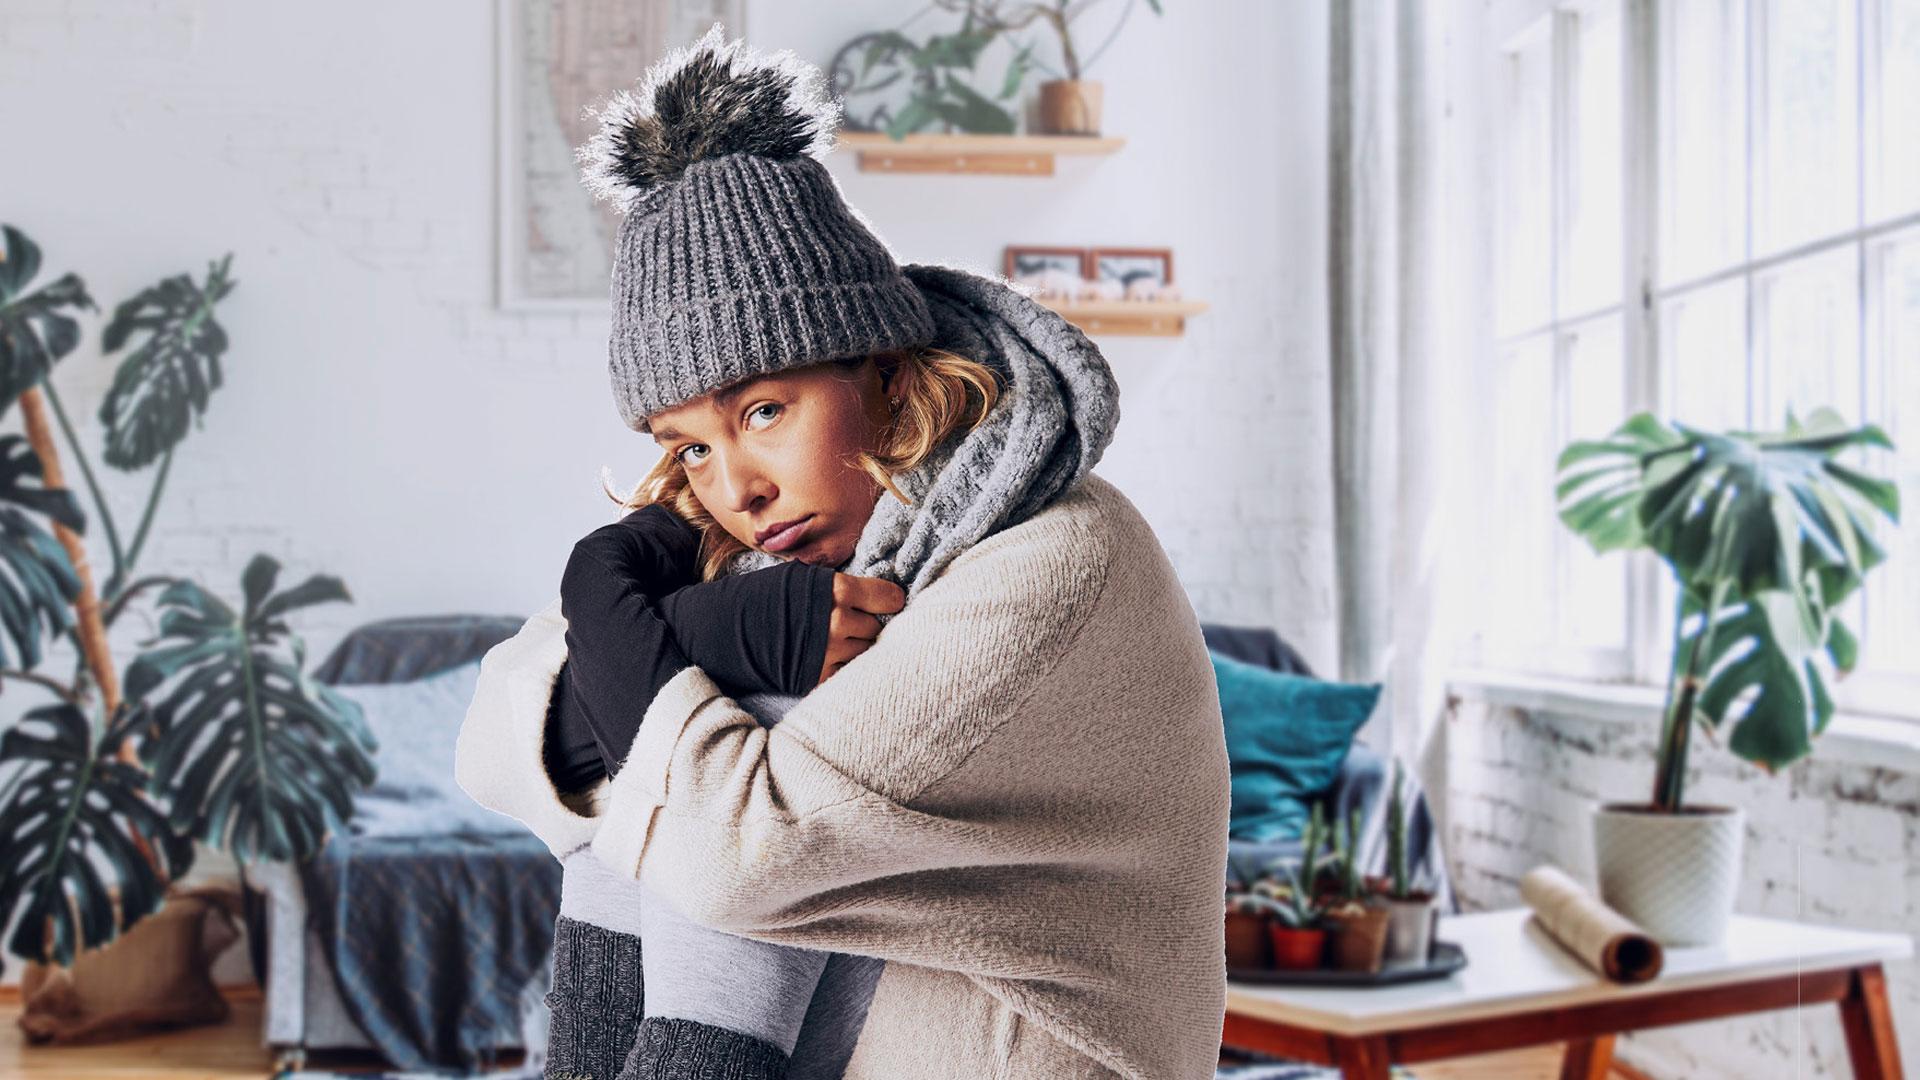 Frierende Frau sitzt im Wohnzimmer